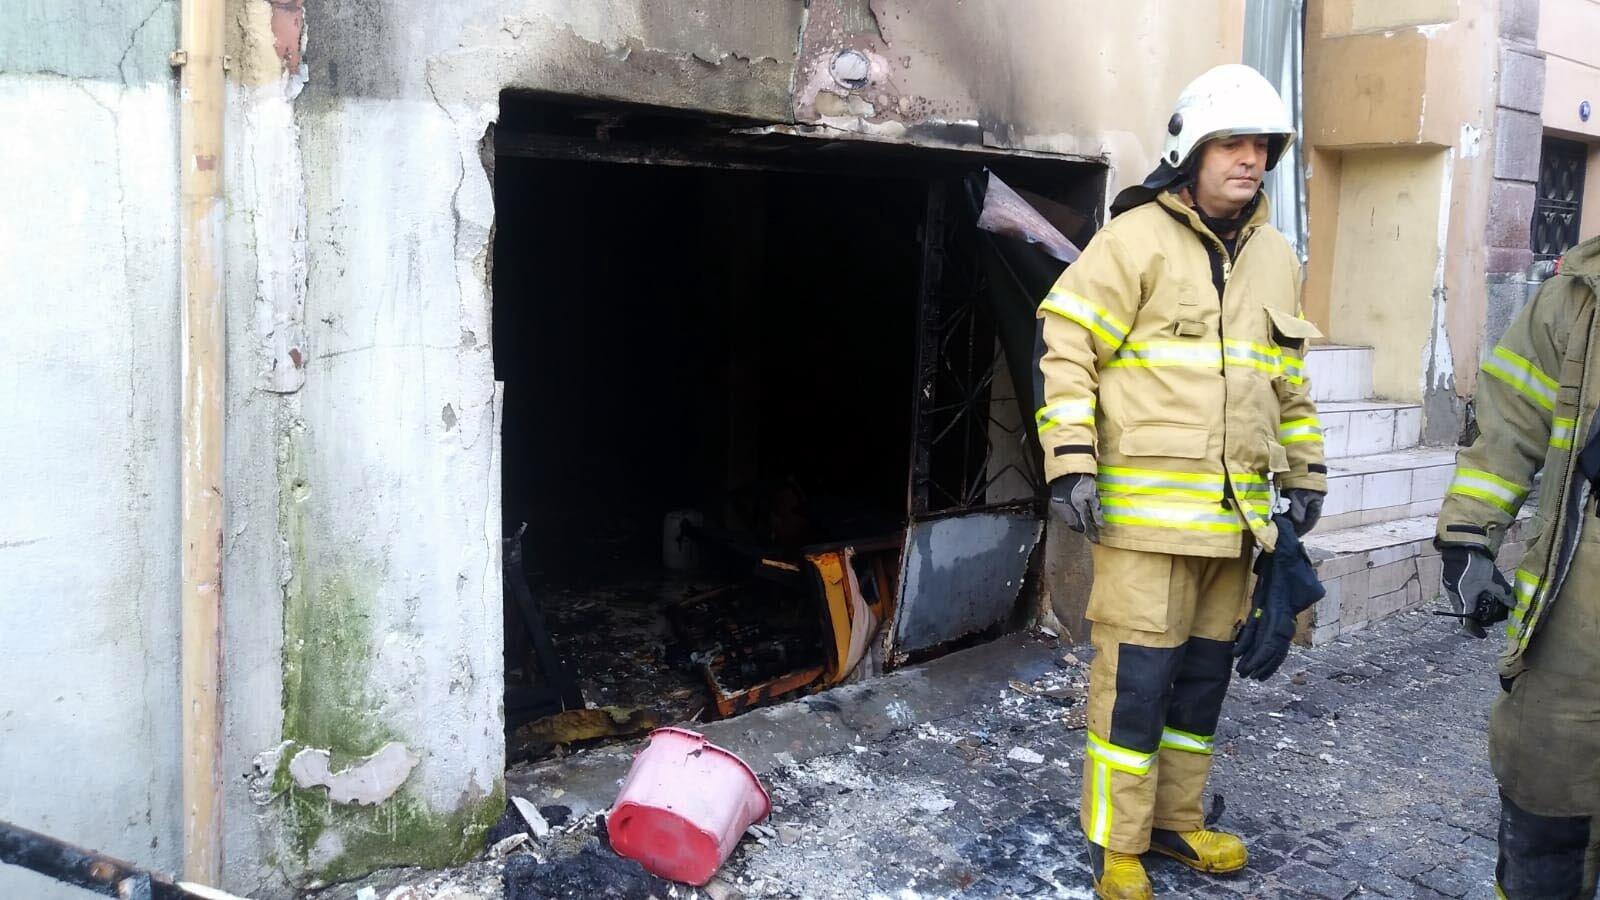 İzmir'de yükselen alevler paniğe neden oldu, alevlerin arasında kalan kişi son anda kurtarıldı